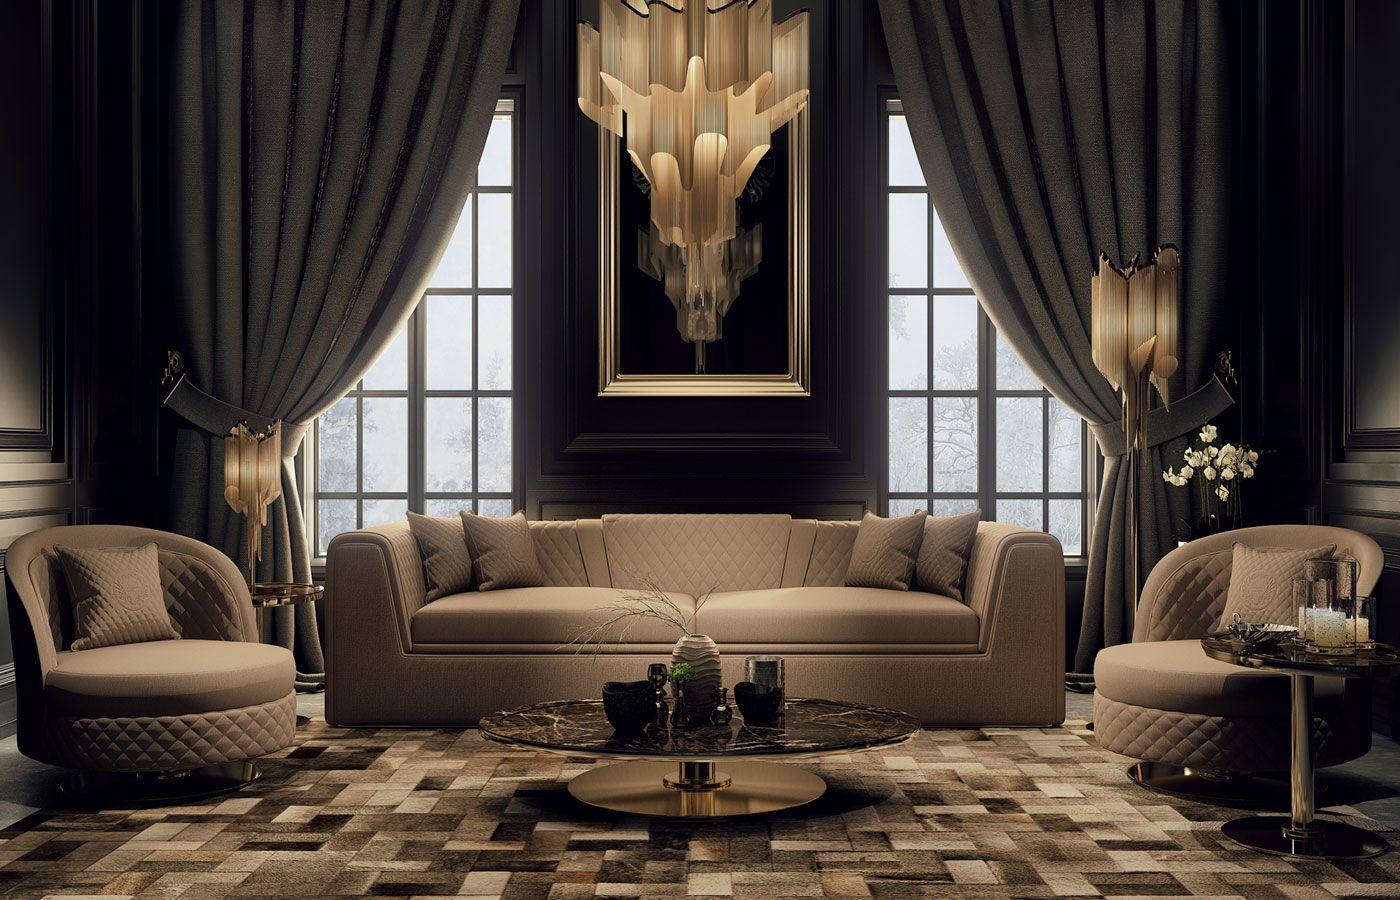 Zebrano mobilya klasik mobilya avangarde mobilya ve for Mobilya turkey